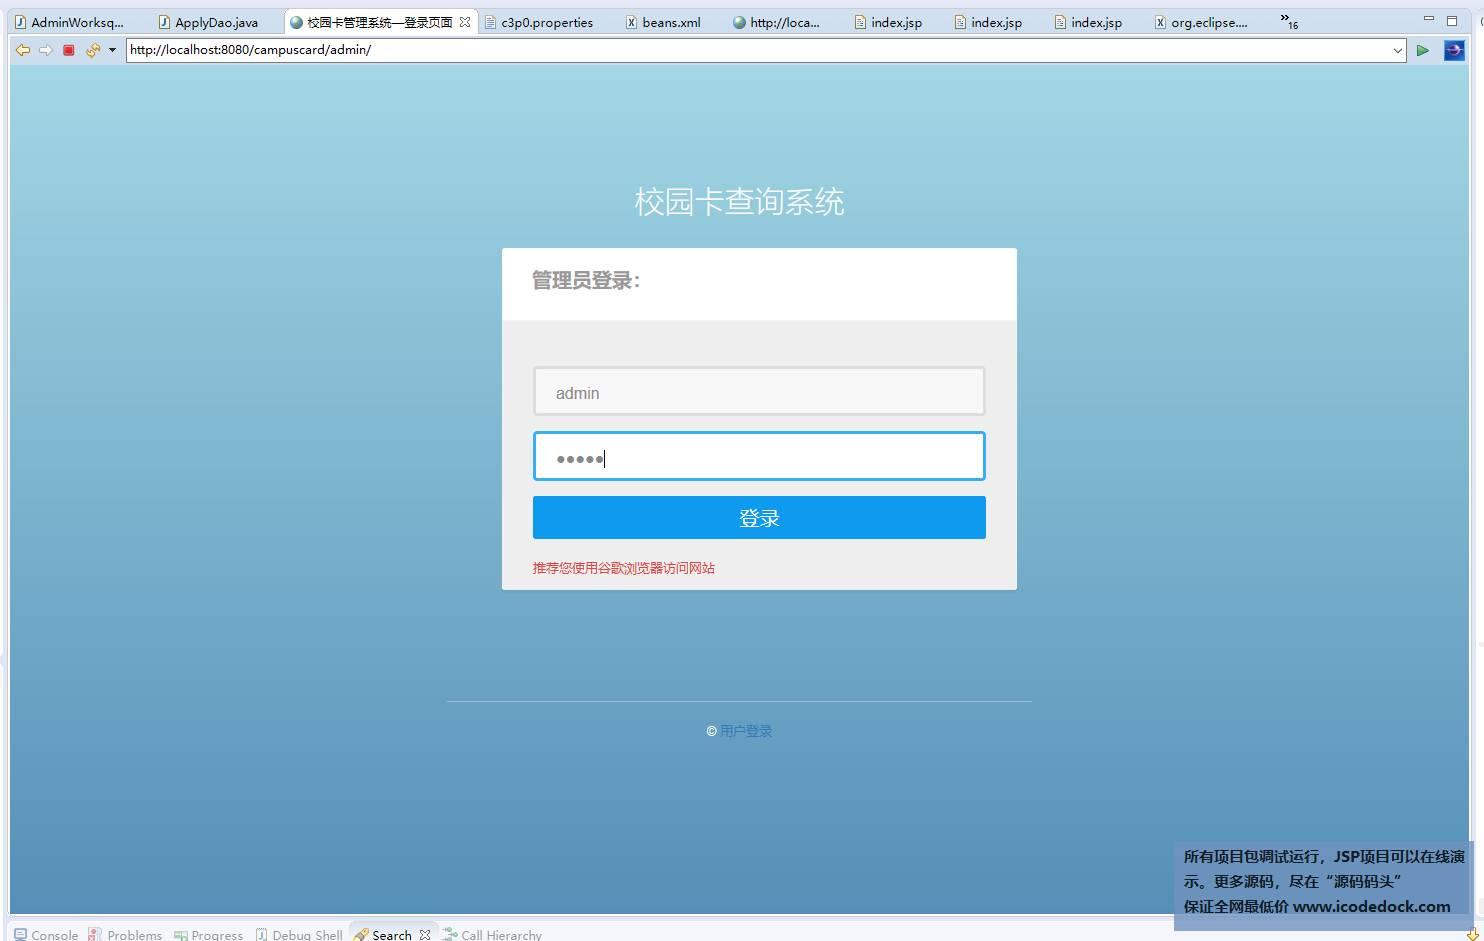 源码码头-JSP校园一卡通管理系统-管理员角色-管理员登录